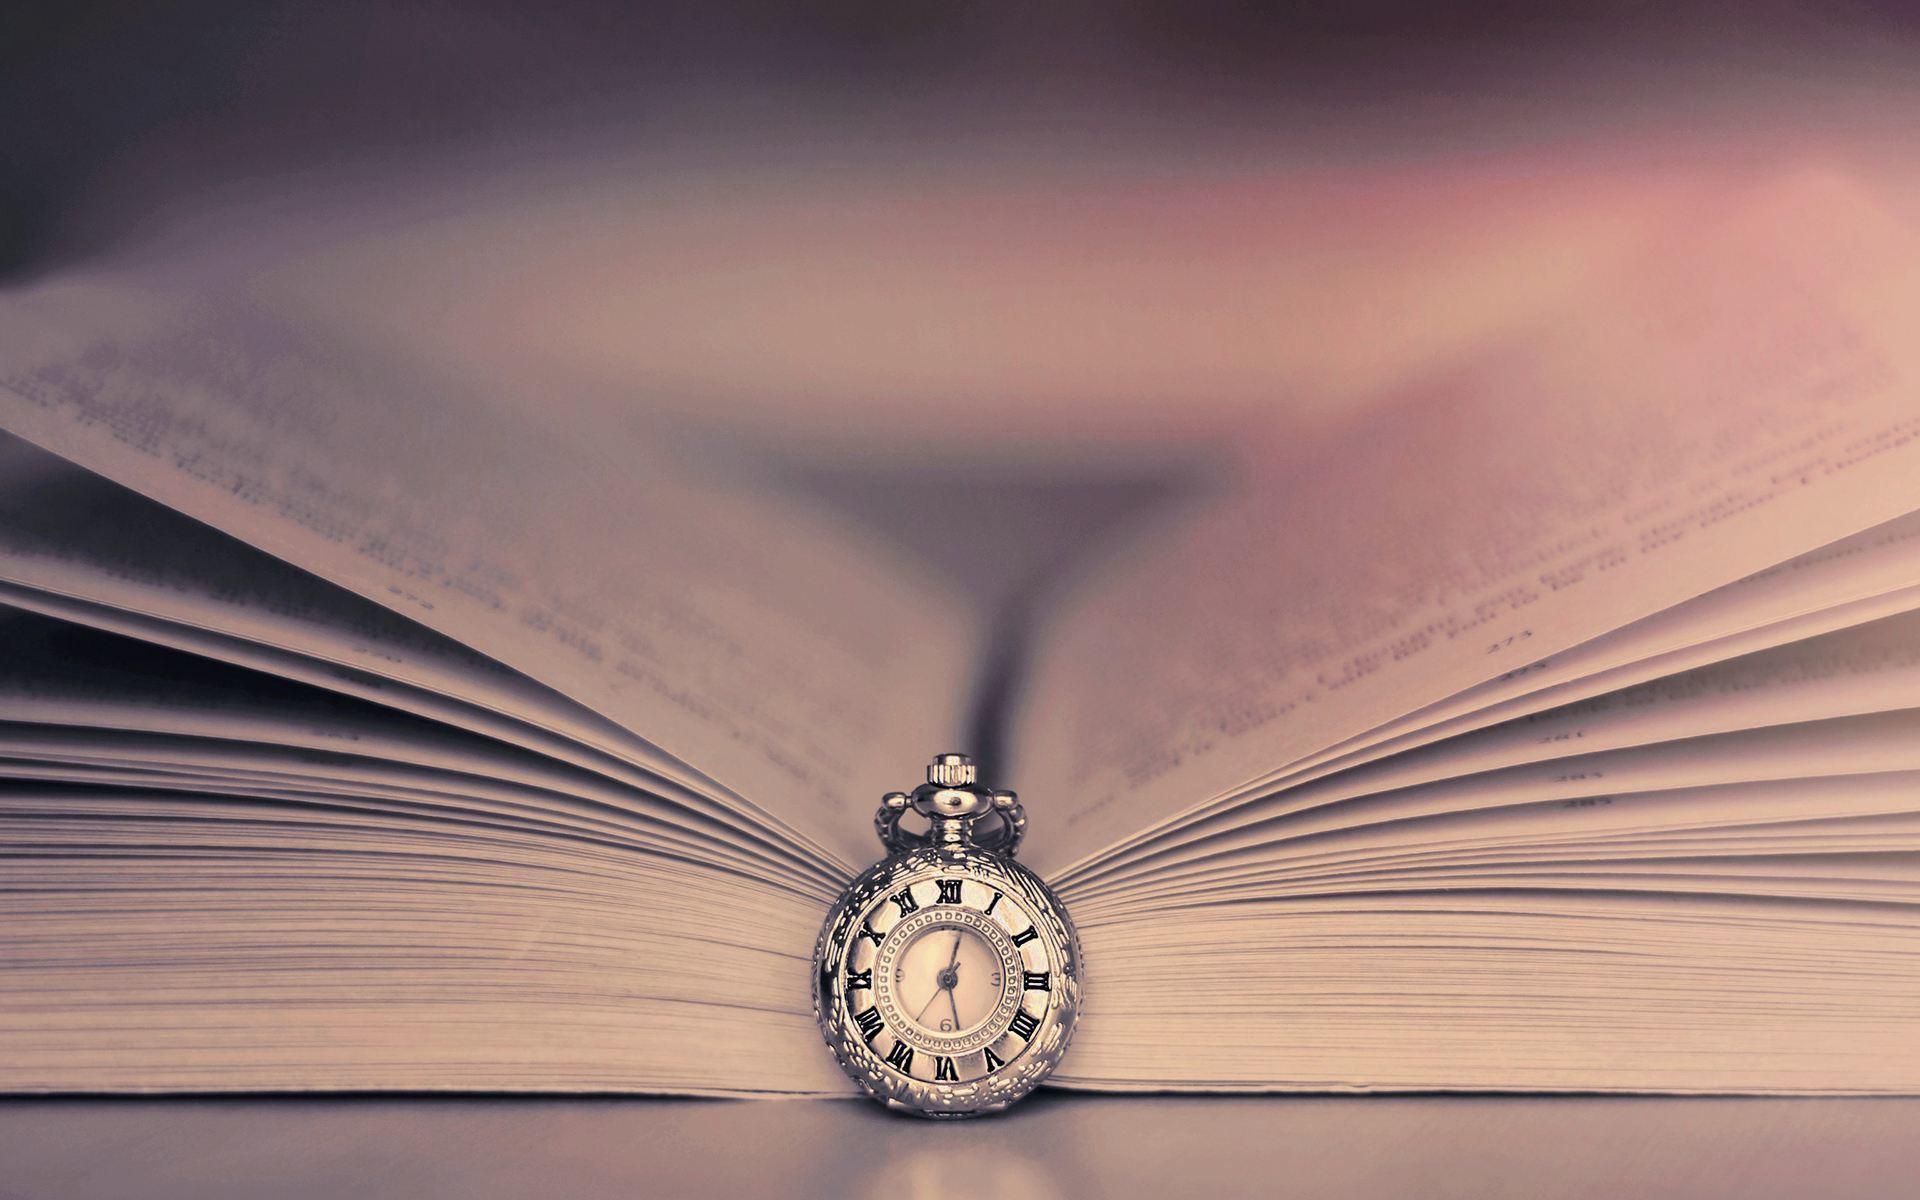 人生励志经典语录情感说说语录:别忘了最初的梦想,别忘了曾经的执着